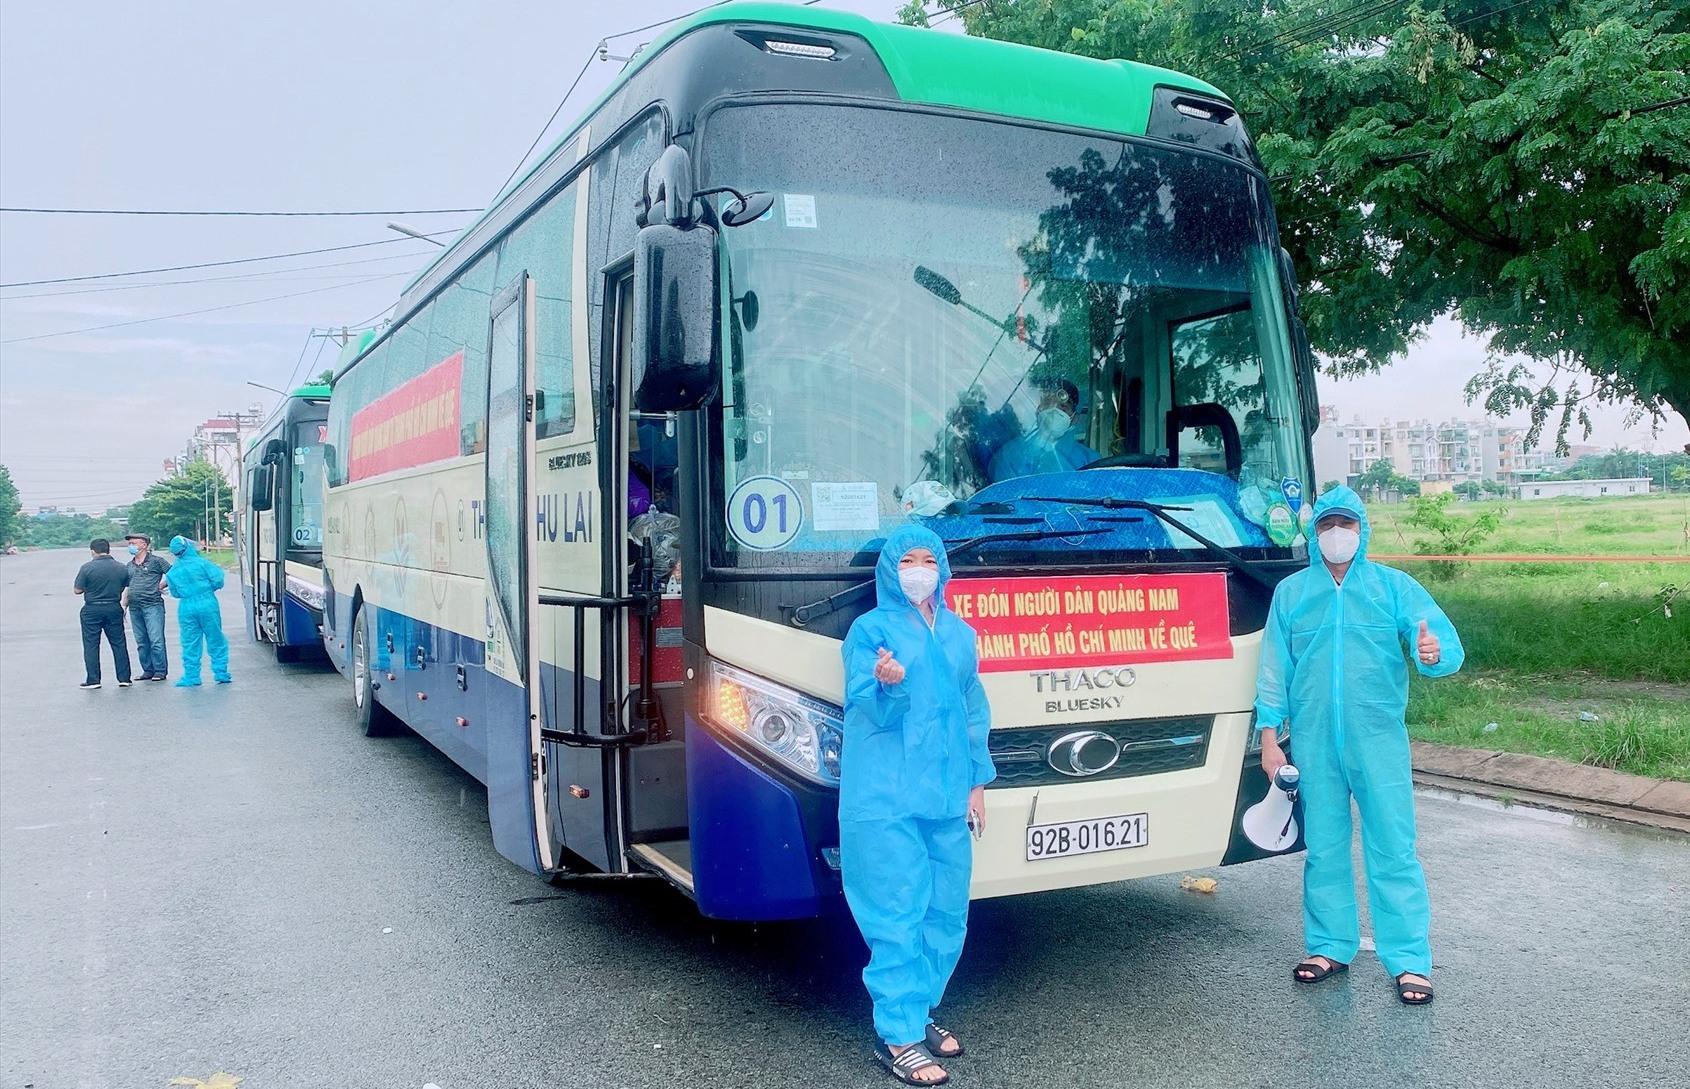 Xe đón người dân từ TP.Hồ Chí Minh chuẩn bị xuất phát đưa bà con trở về. Ảnh; Công Khanh